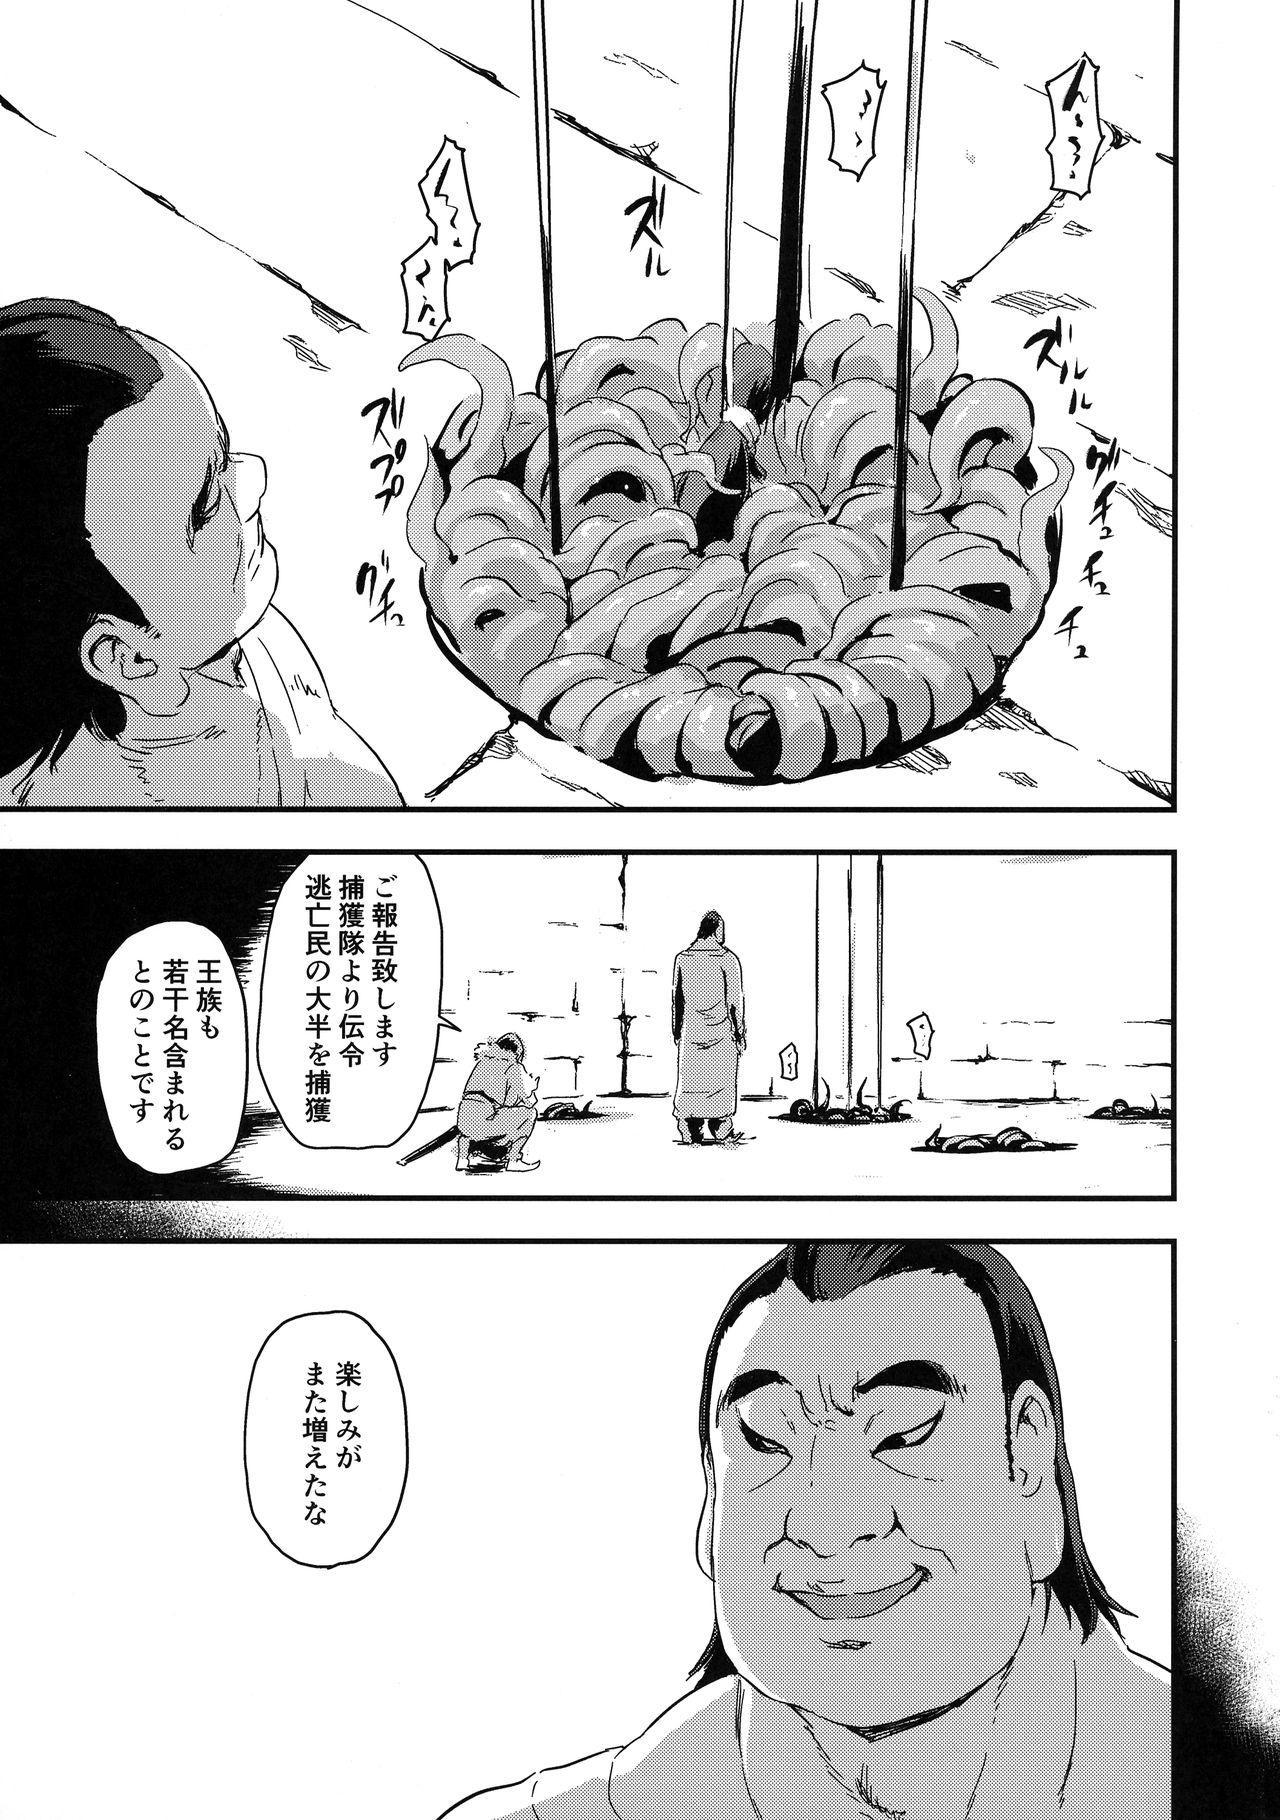 Majuu Teikoku Hishi-chuu Otto no Tame ni Kairaku Goumon ni Taeru Boukoku no Ouhi 8